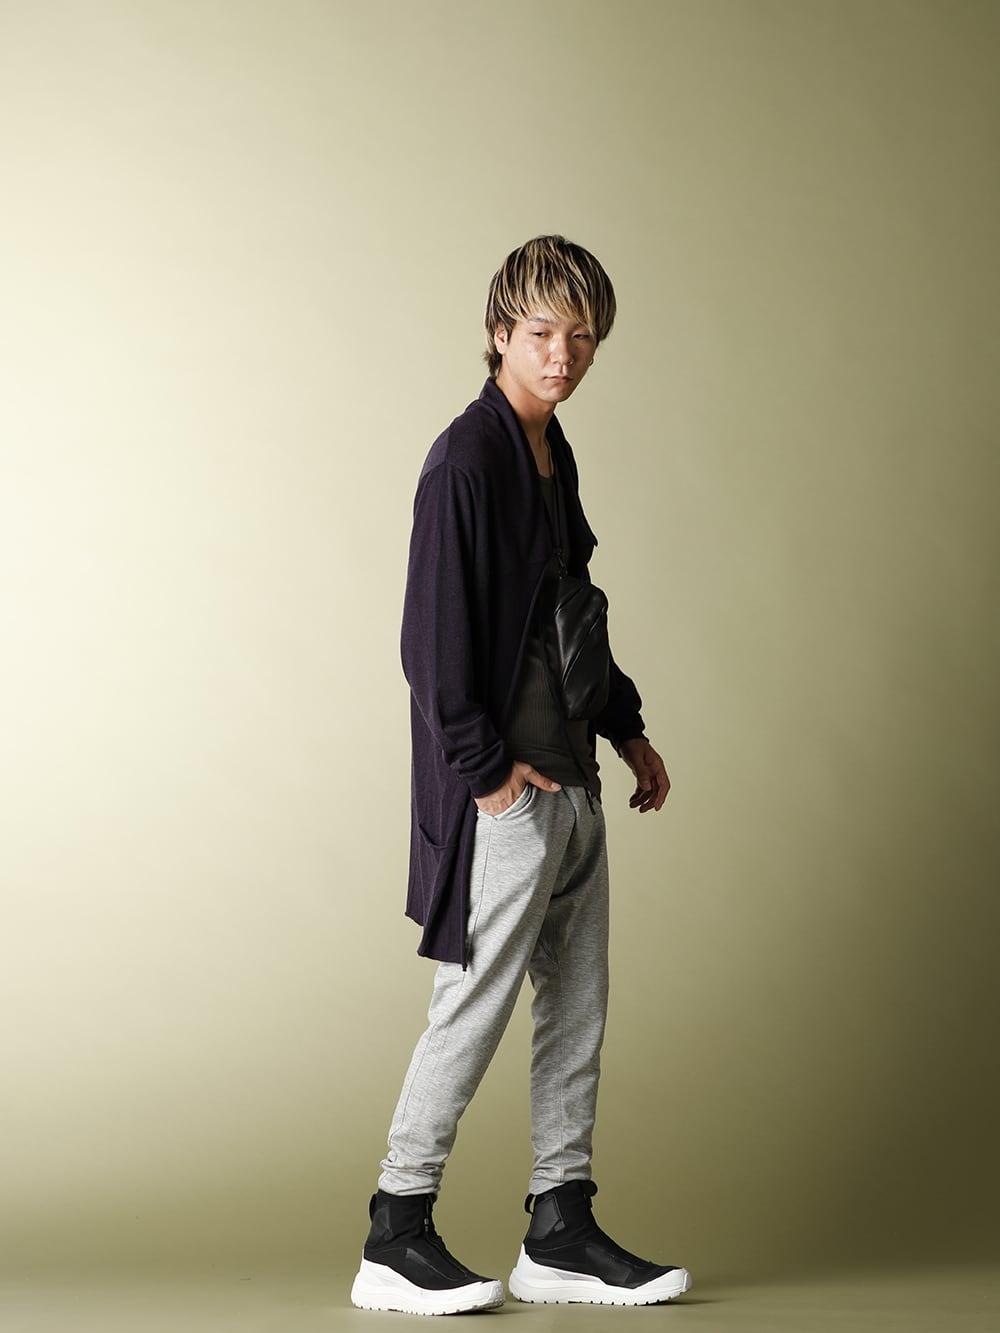 .LOGY Kyoto 20SS RIPVANWINKLE【 LAYERED TANK TOP 】STYLE! - 1-002